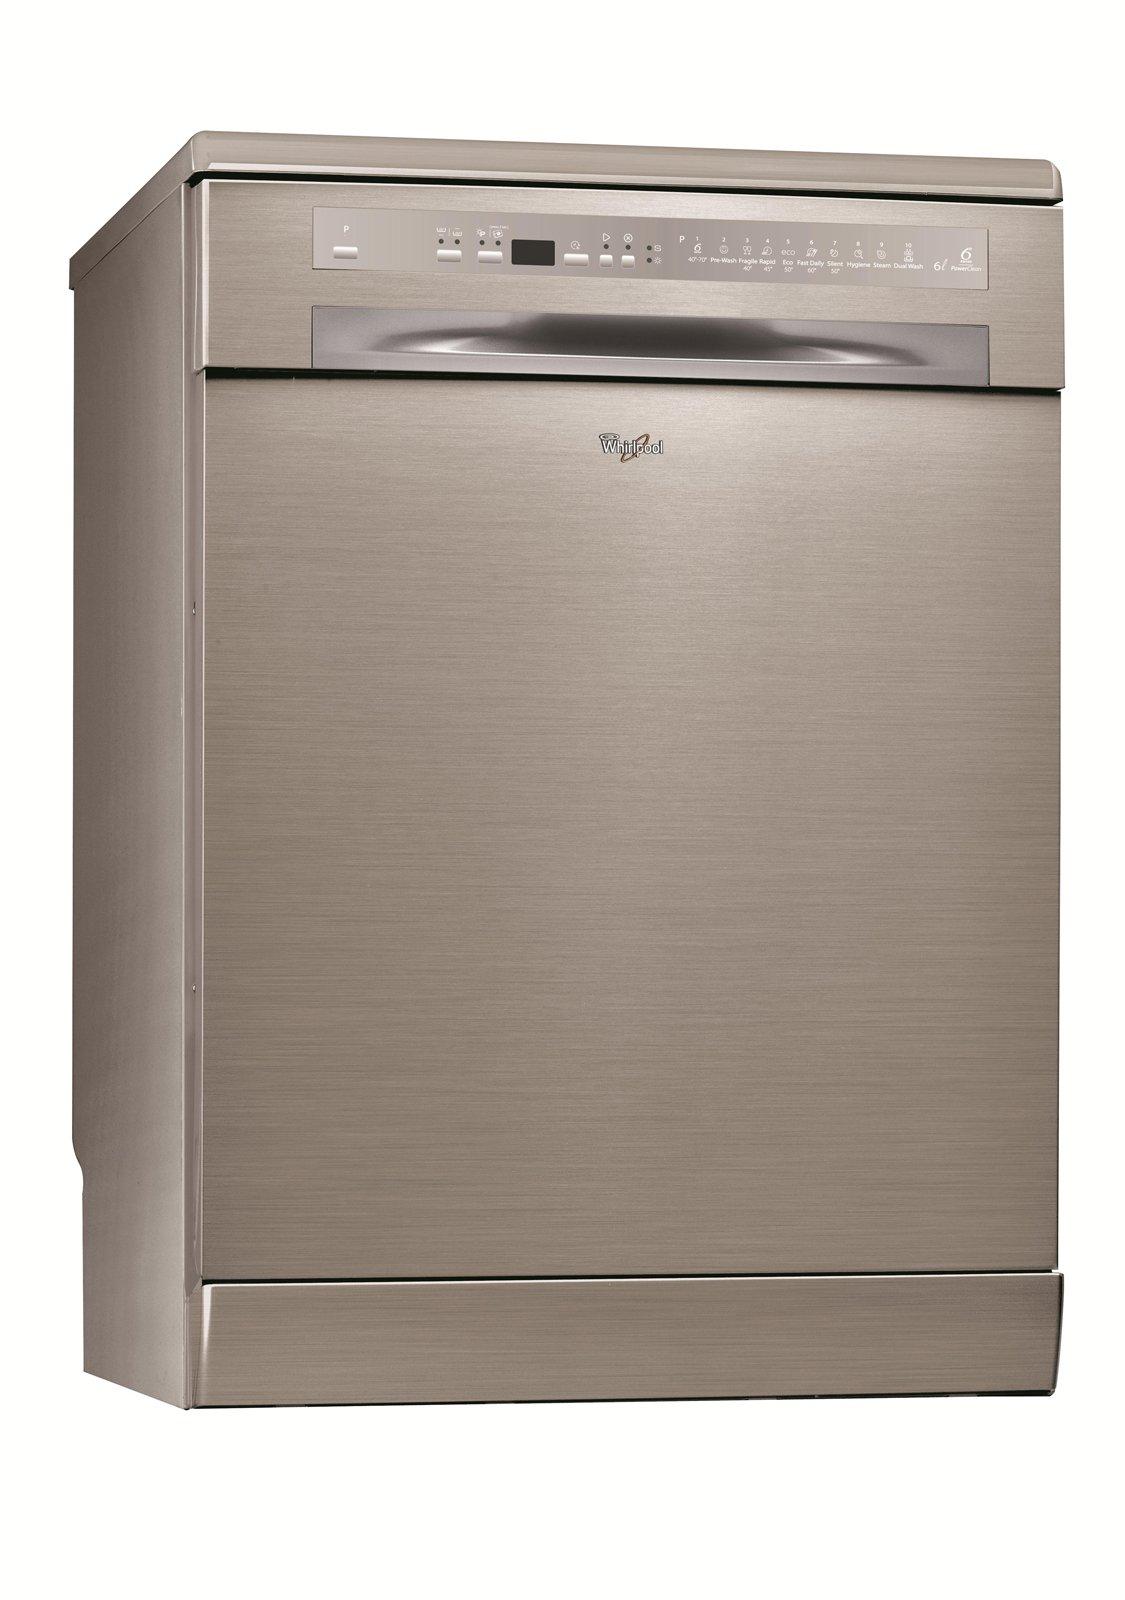 Differenza Classe A+ E A++ lavastoviglie: risparmiare acqua ed energia con la